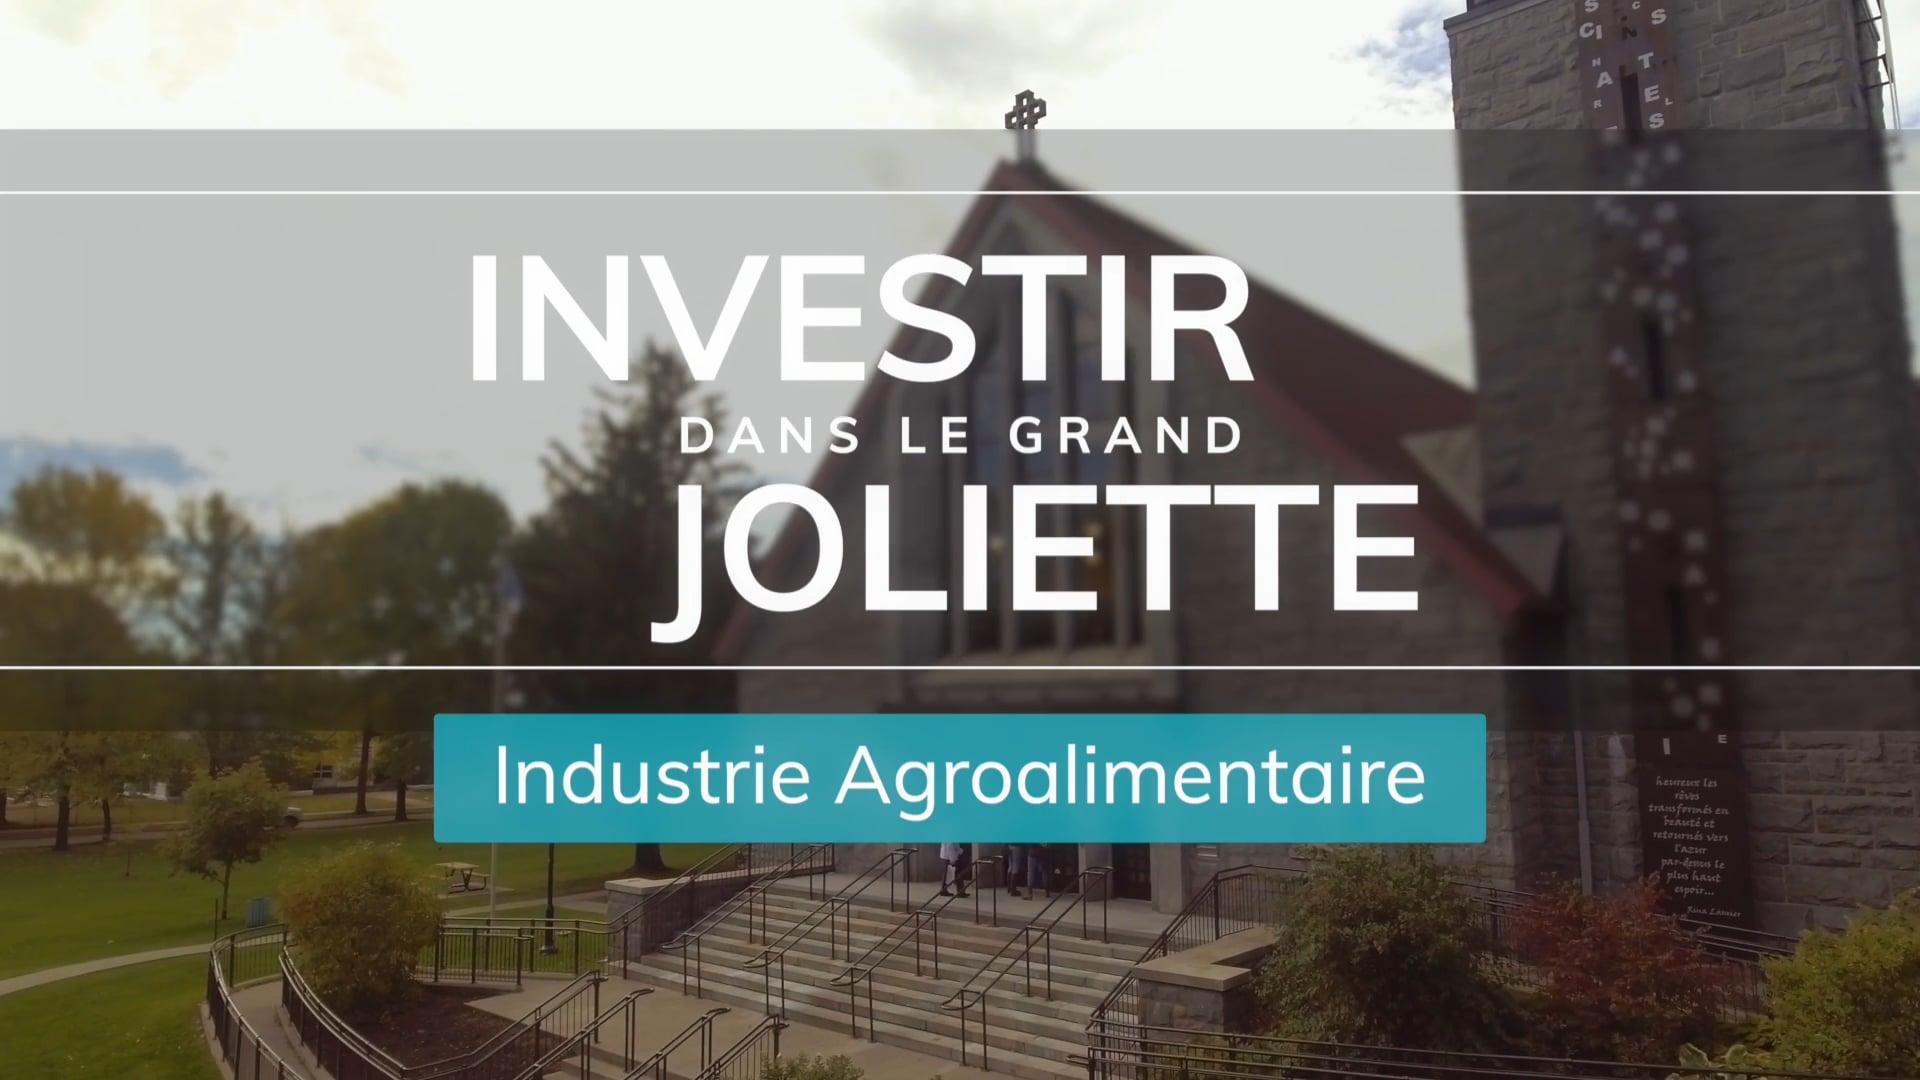 Investir dans le grand Joliette - Publicité Agroalimentaire